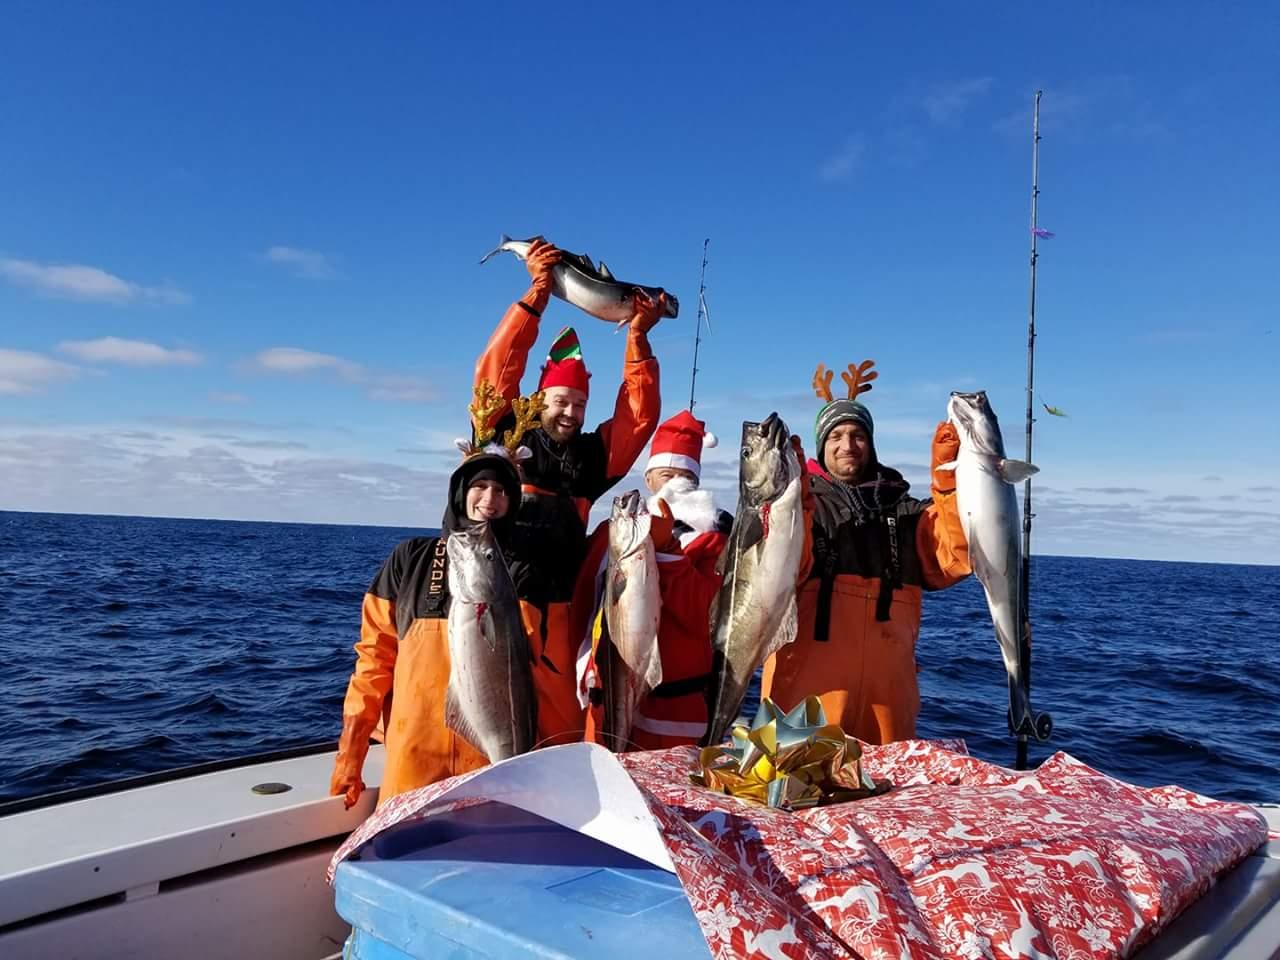 Fishermann